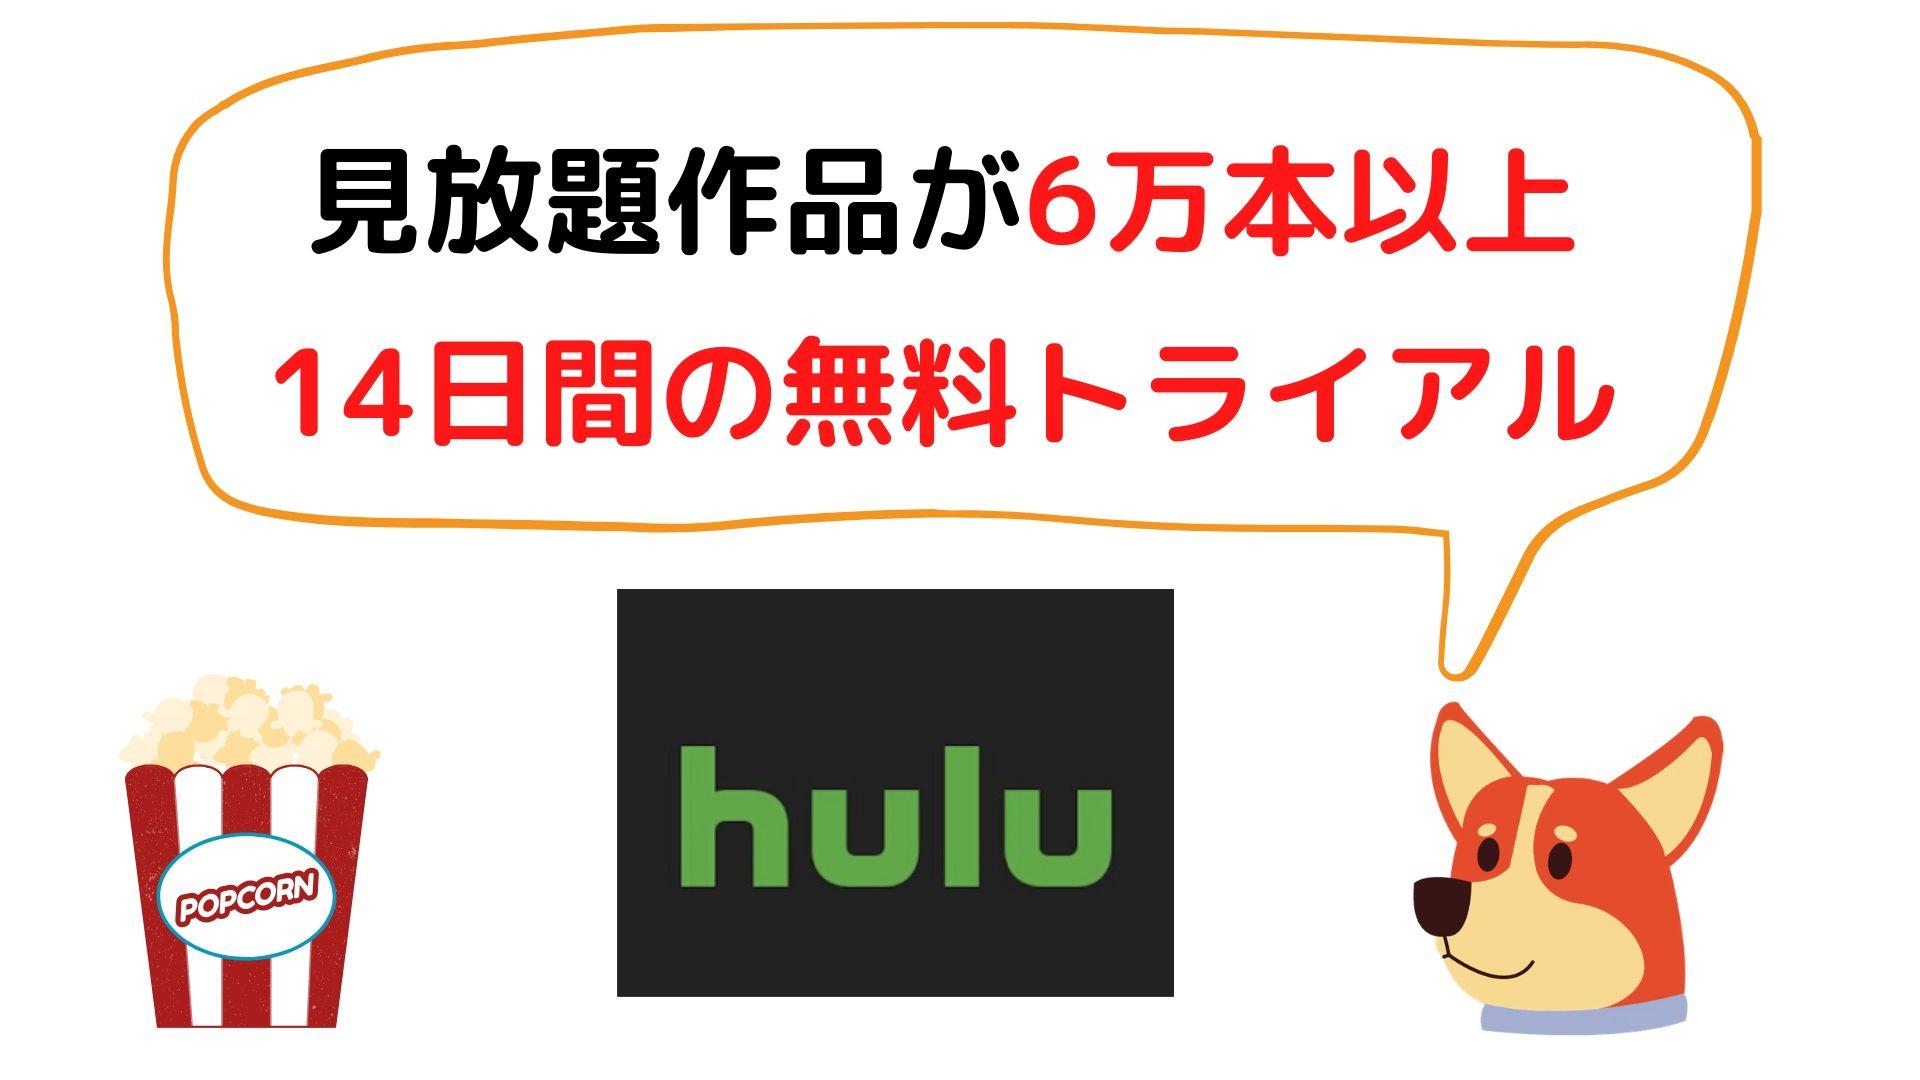 Huluの無料トライアルを説明